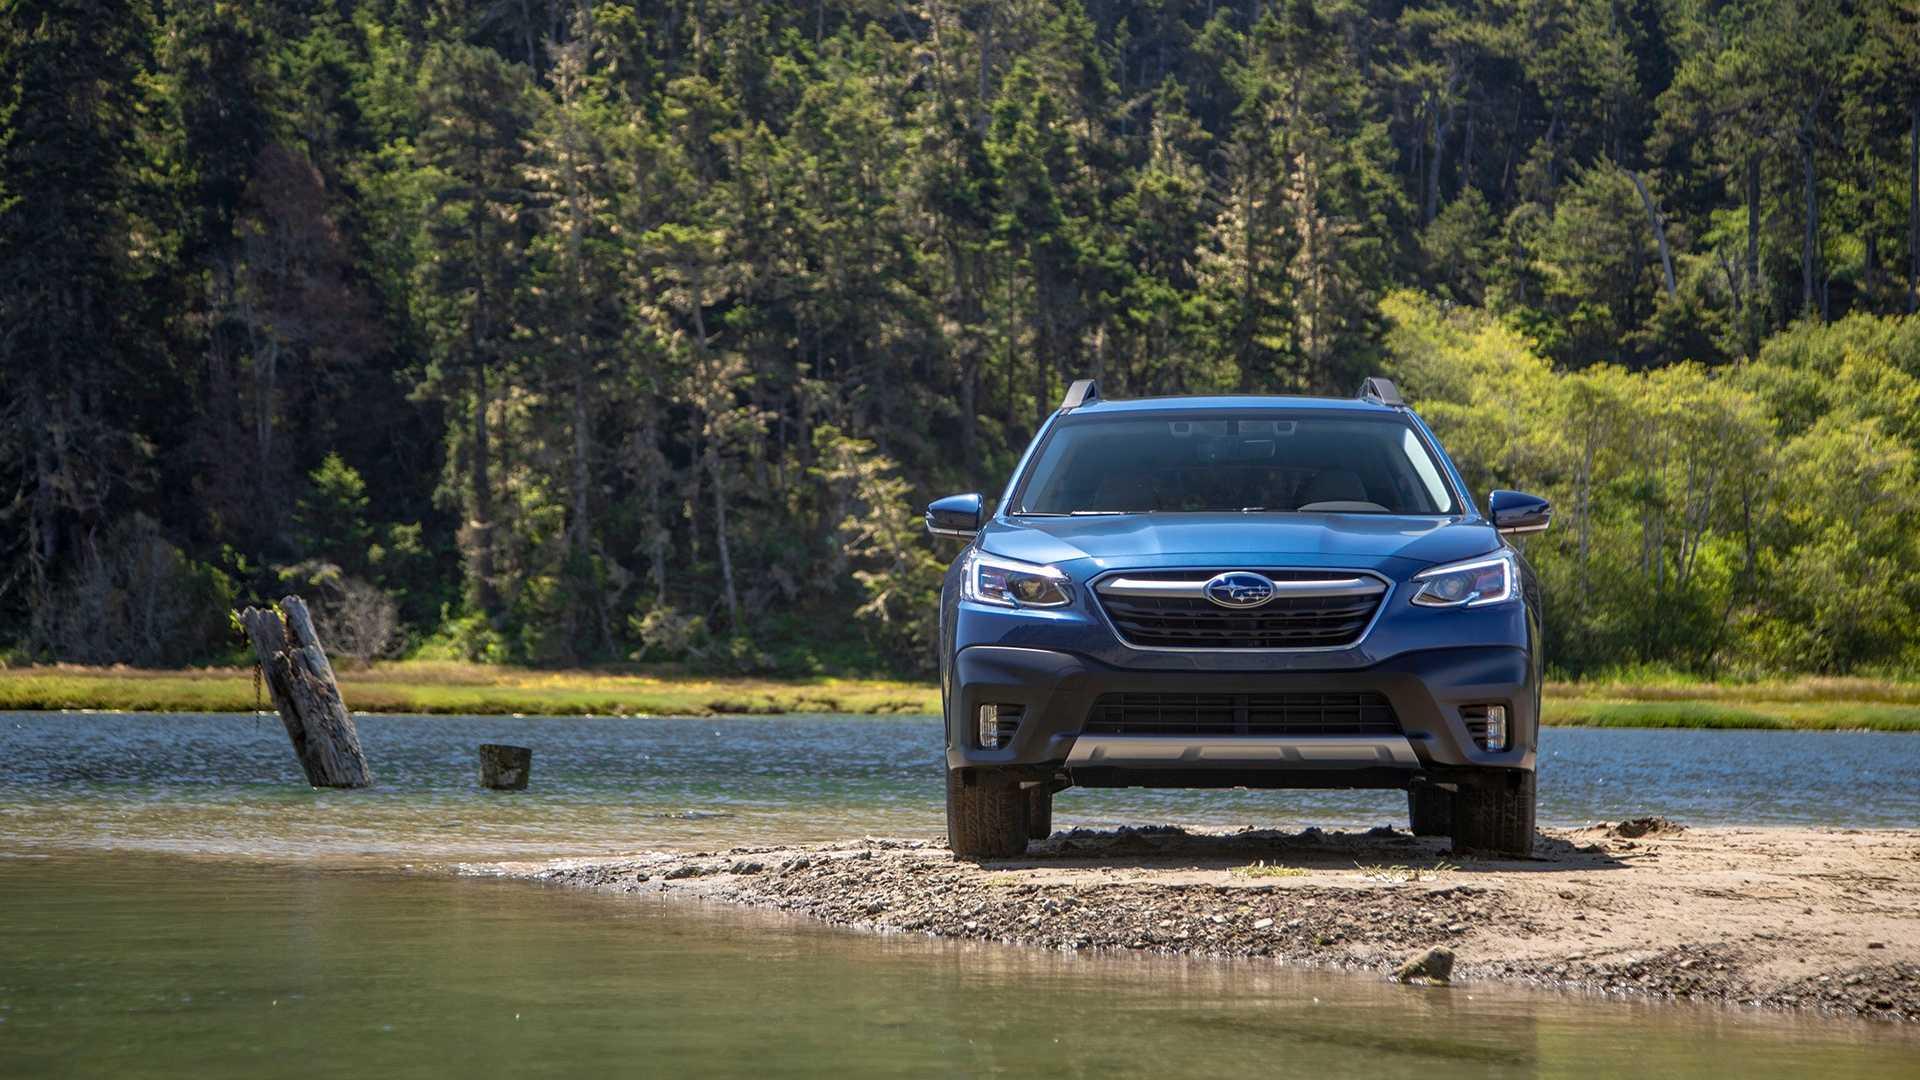 Đánh giá Subaru Outback 2020: Xe gia đình thân thiện